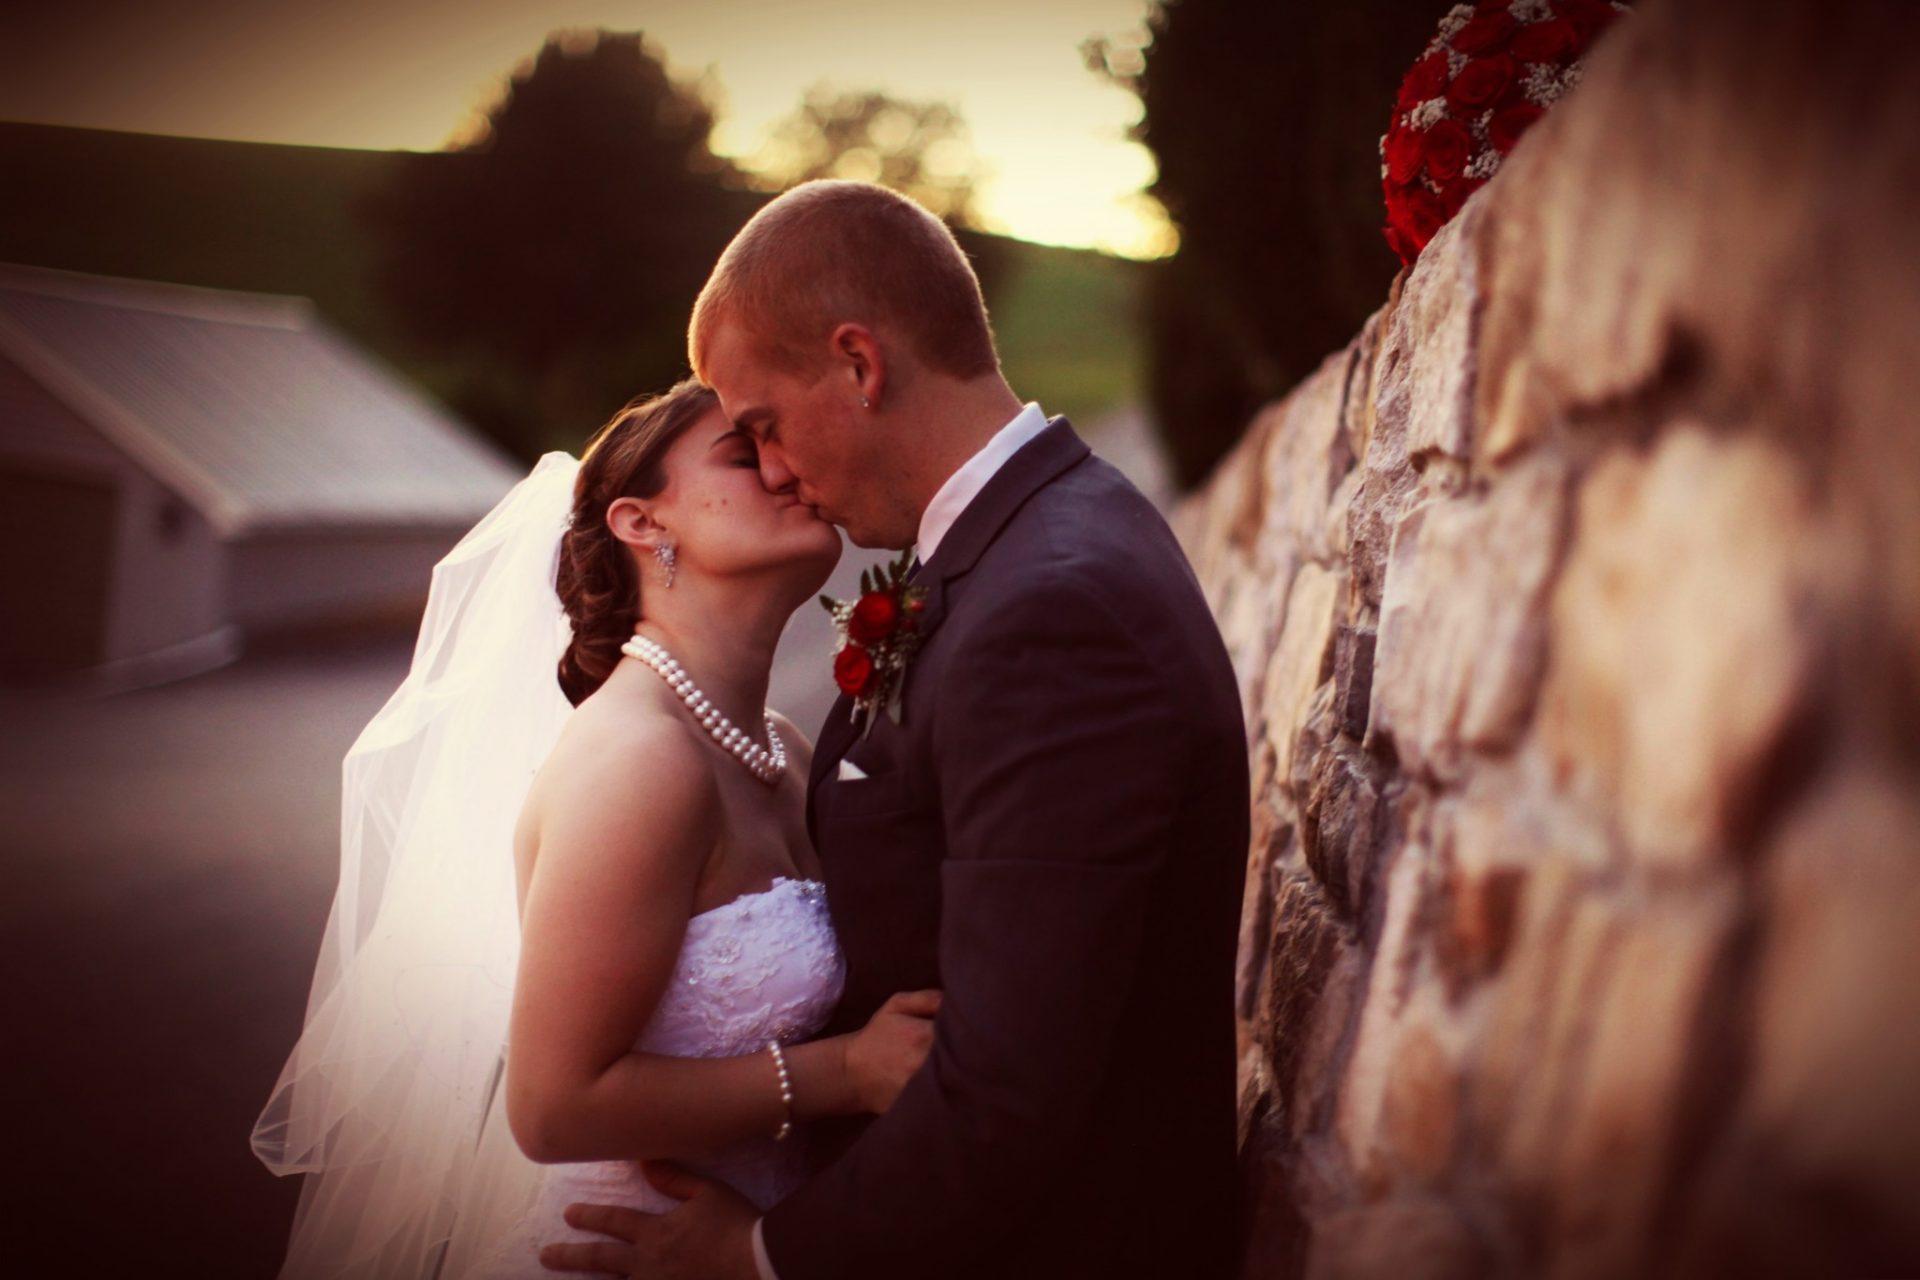 Wedding Venue in Frederick Md - Top Wedding Venue in Maryland